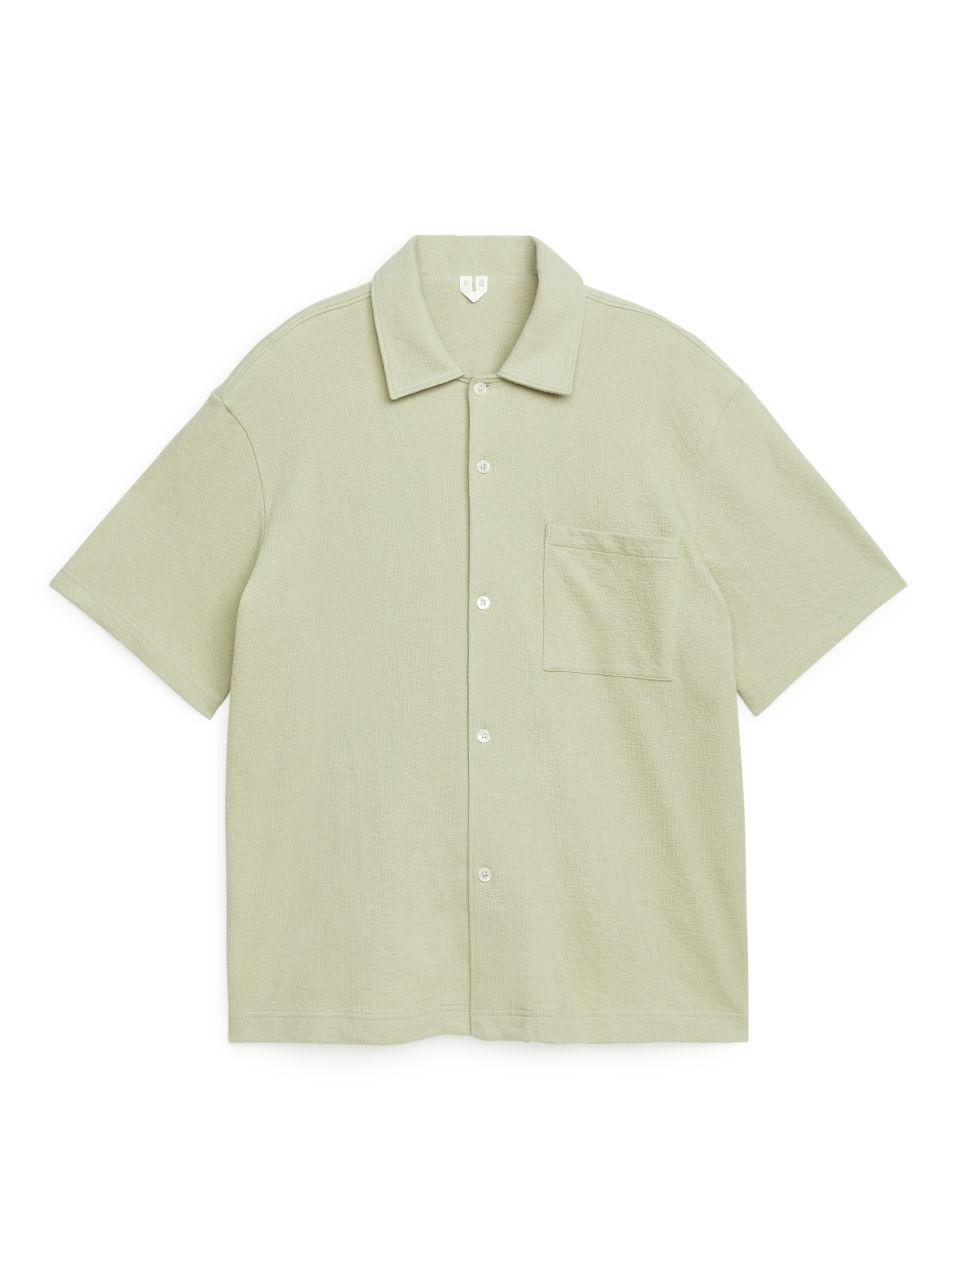 Bouclé Jersey Shirt - Yellow